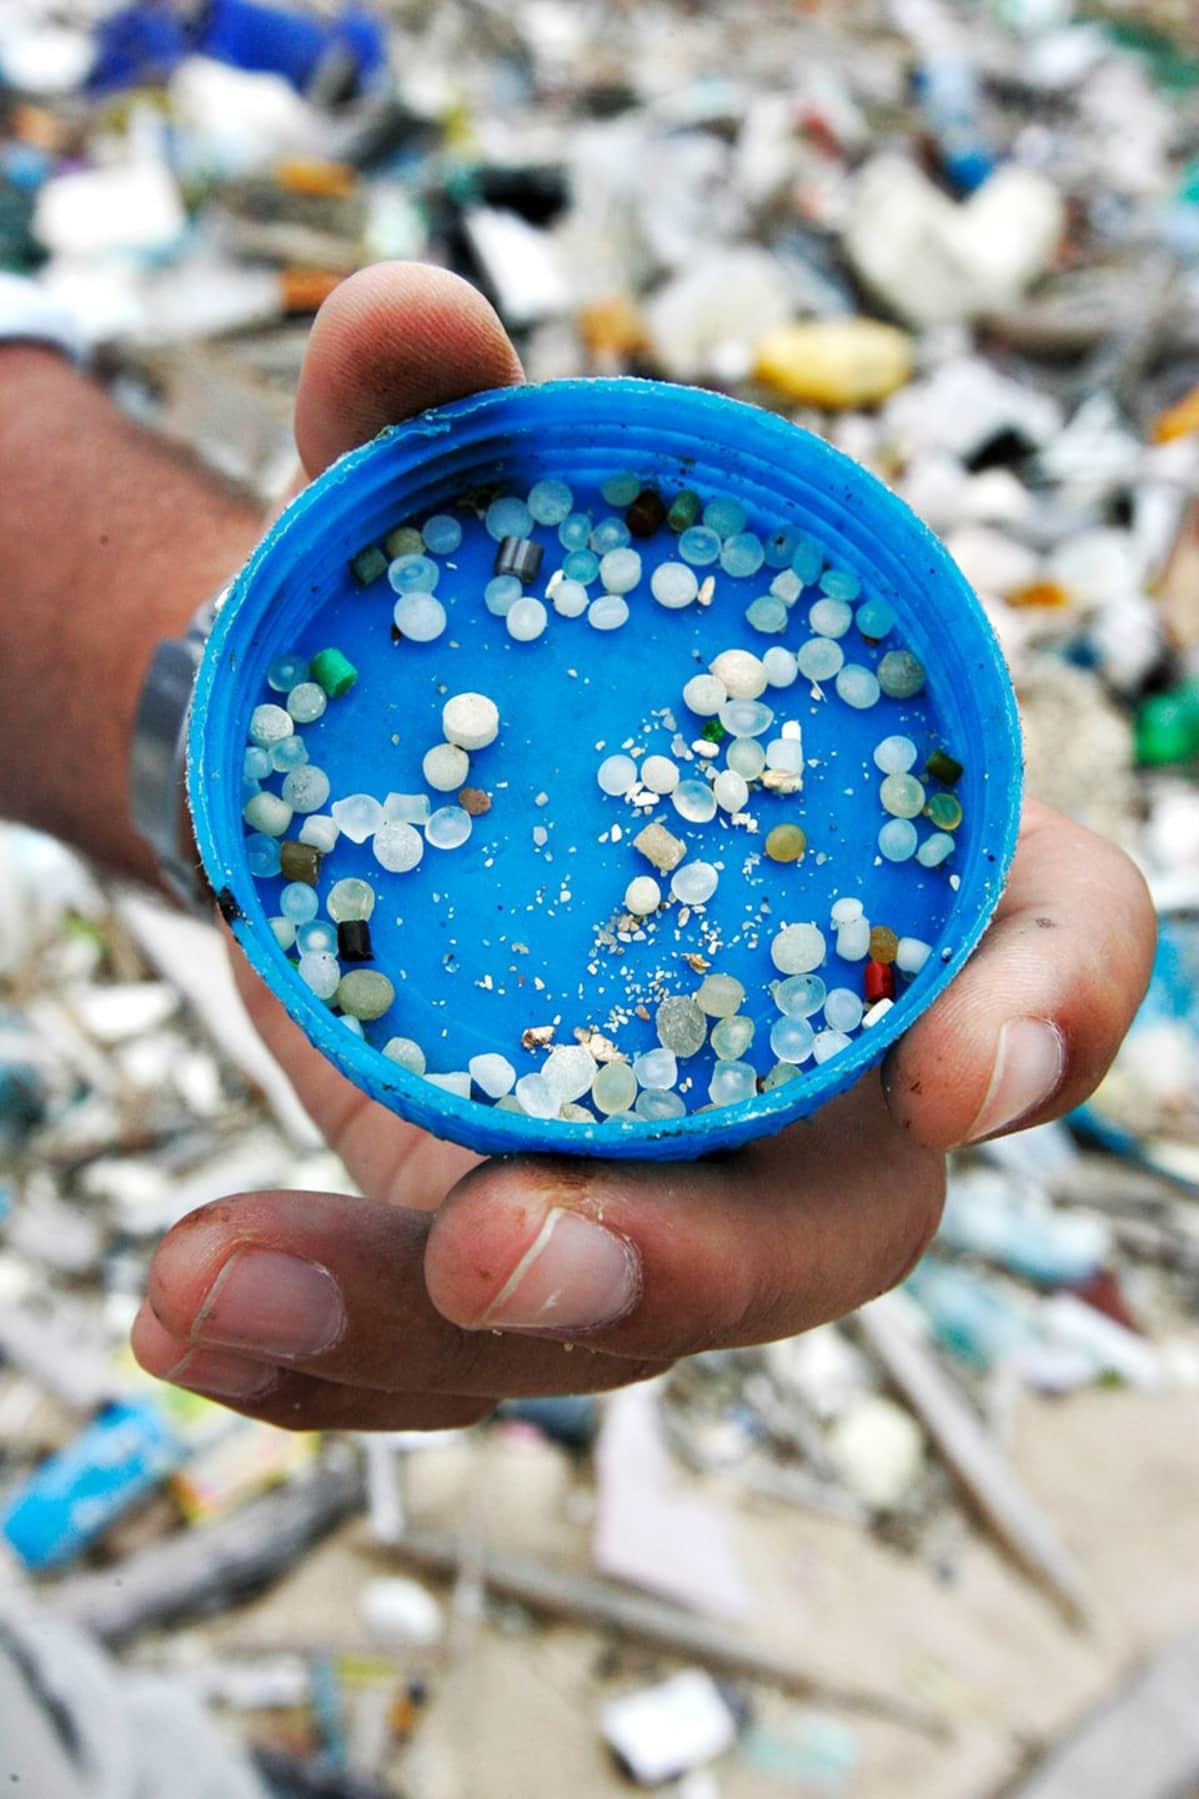 Hioutunutta muovijätettä rannalla.